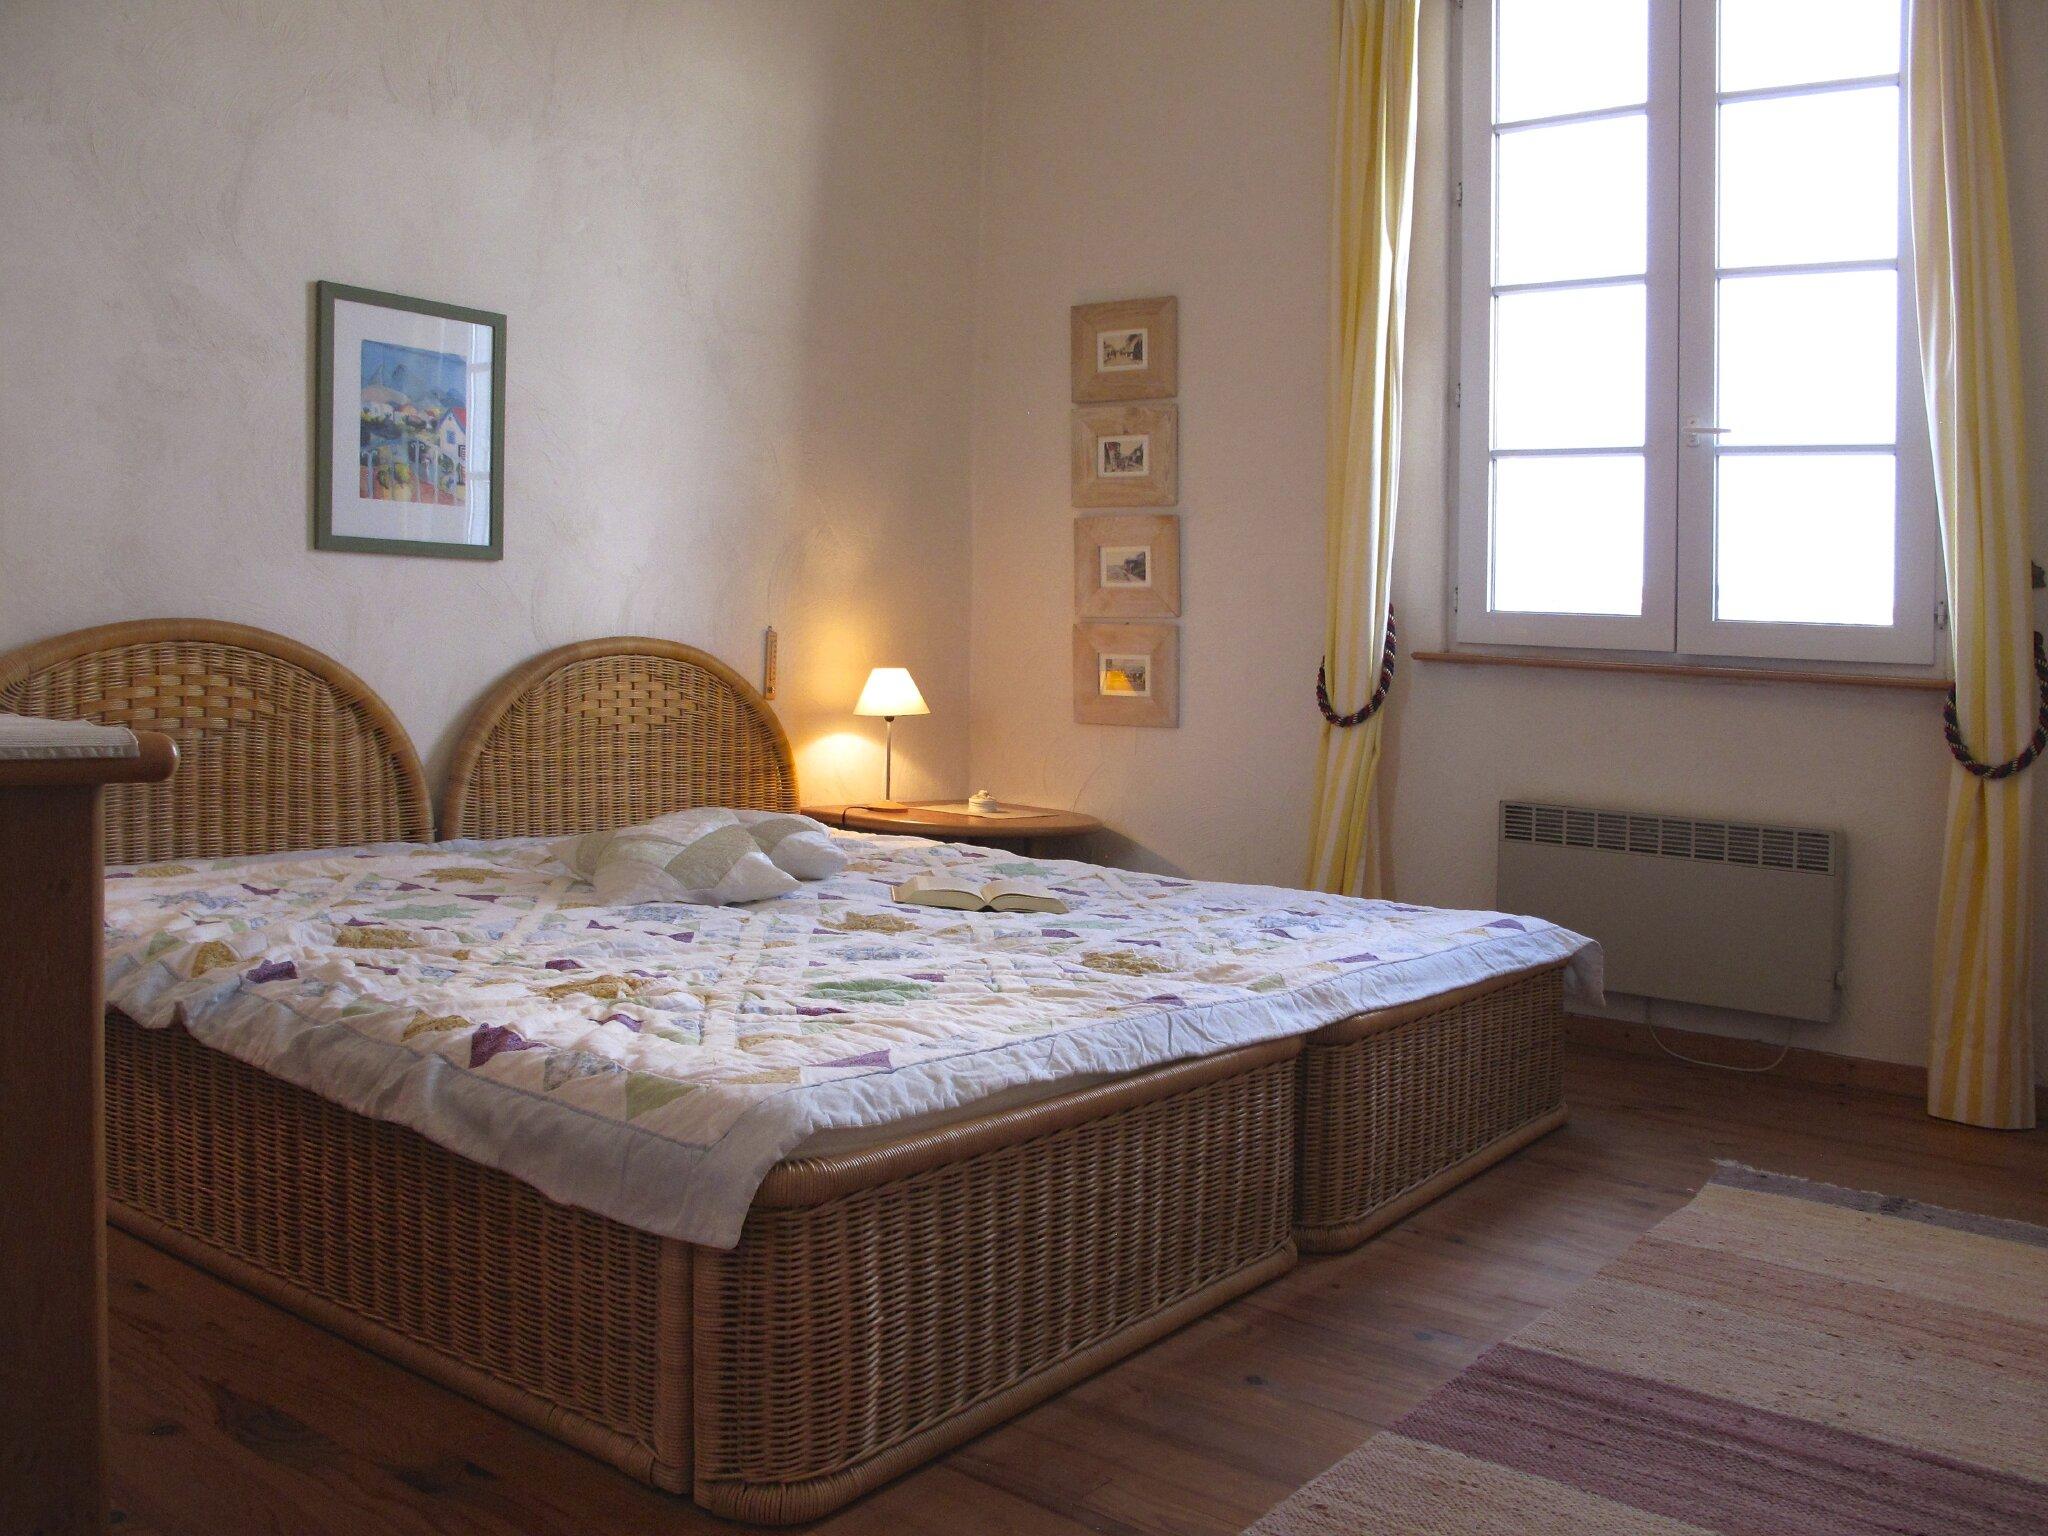 Schlafzimmer, 2 Betten 100x200